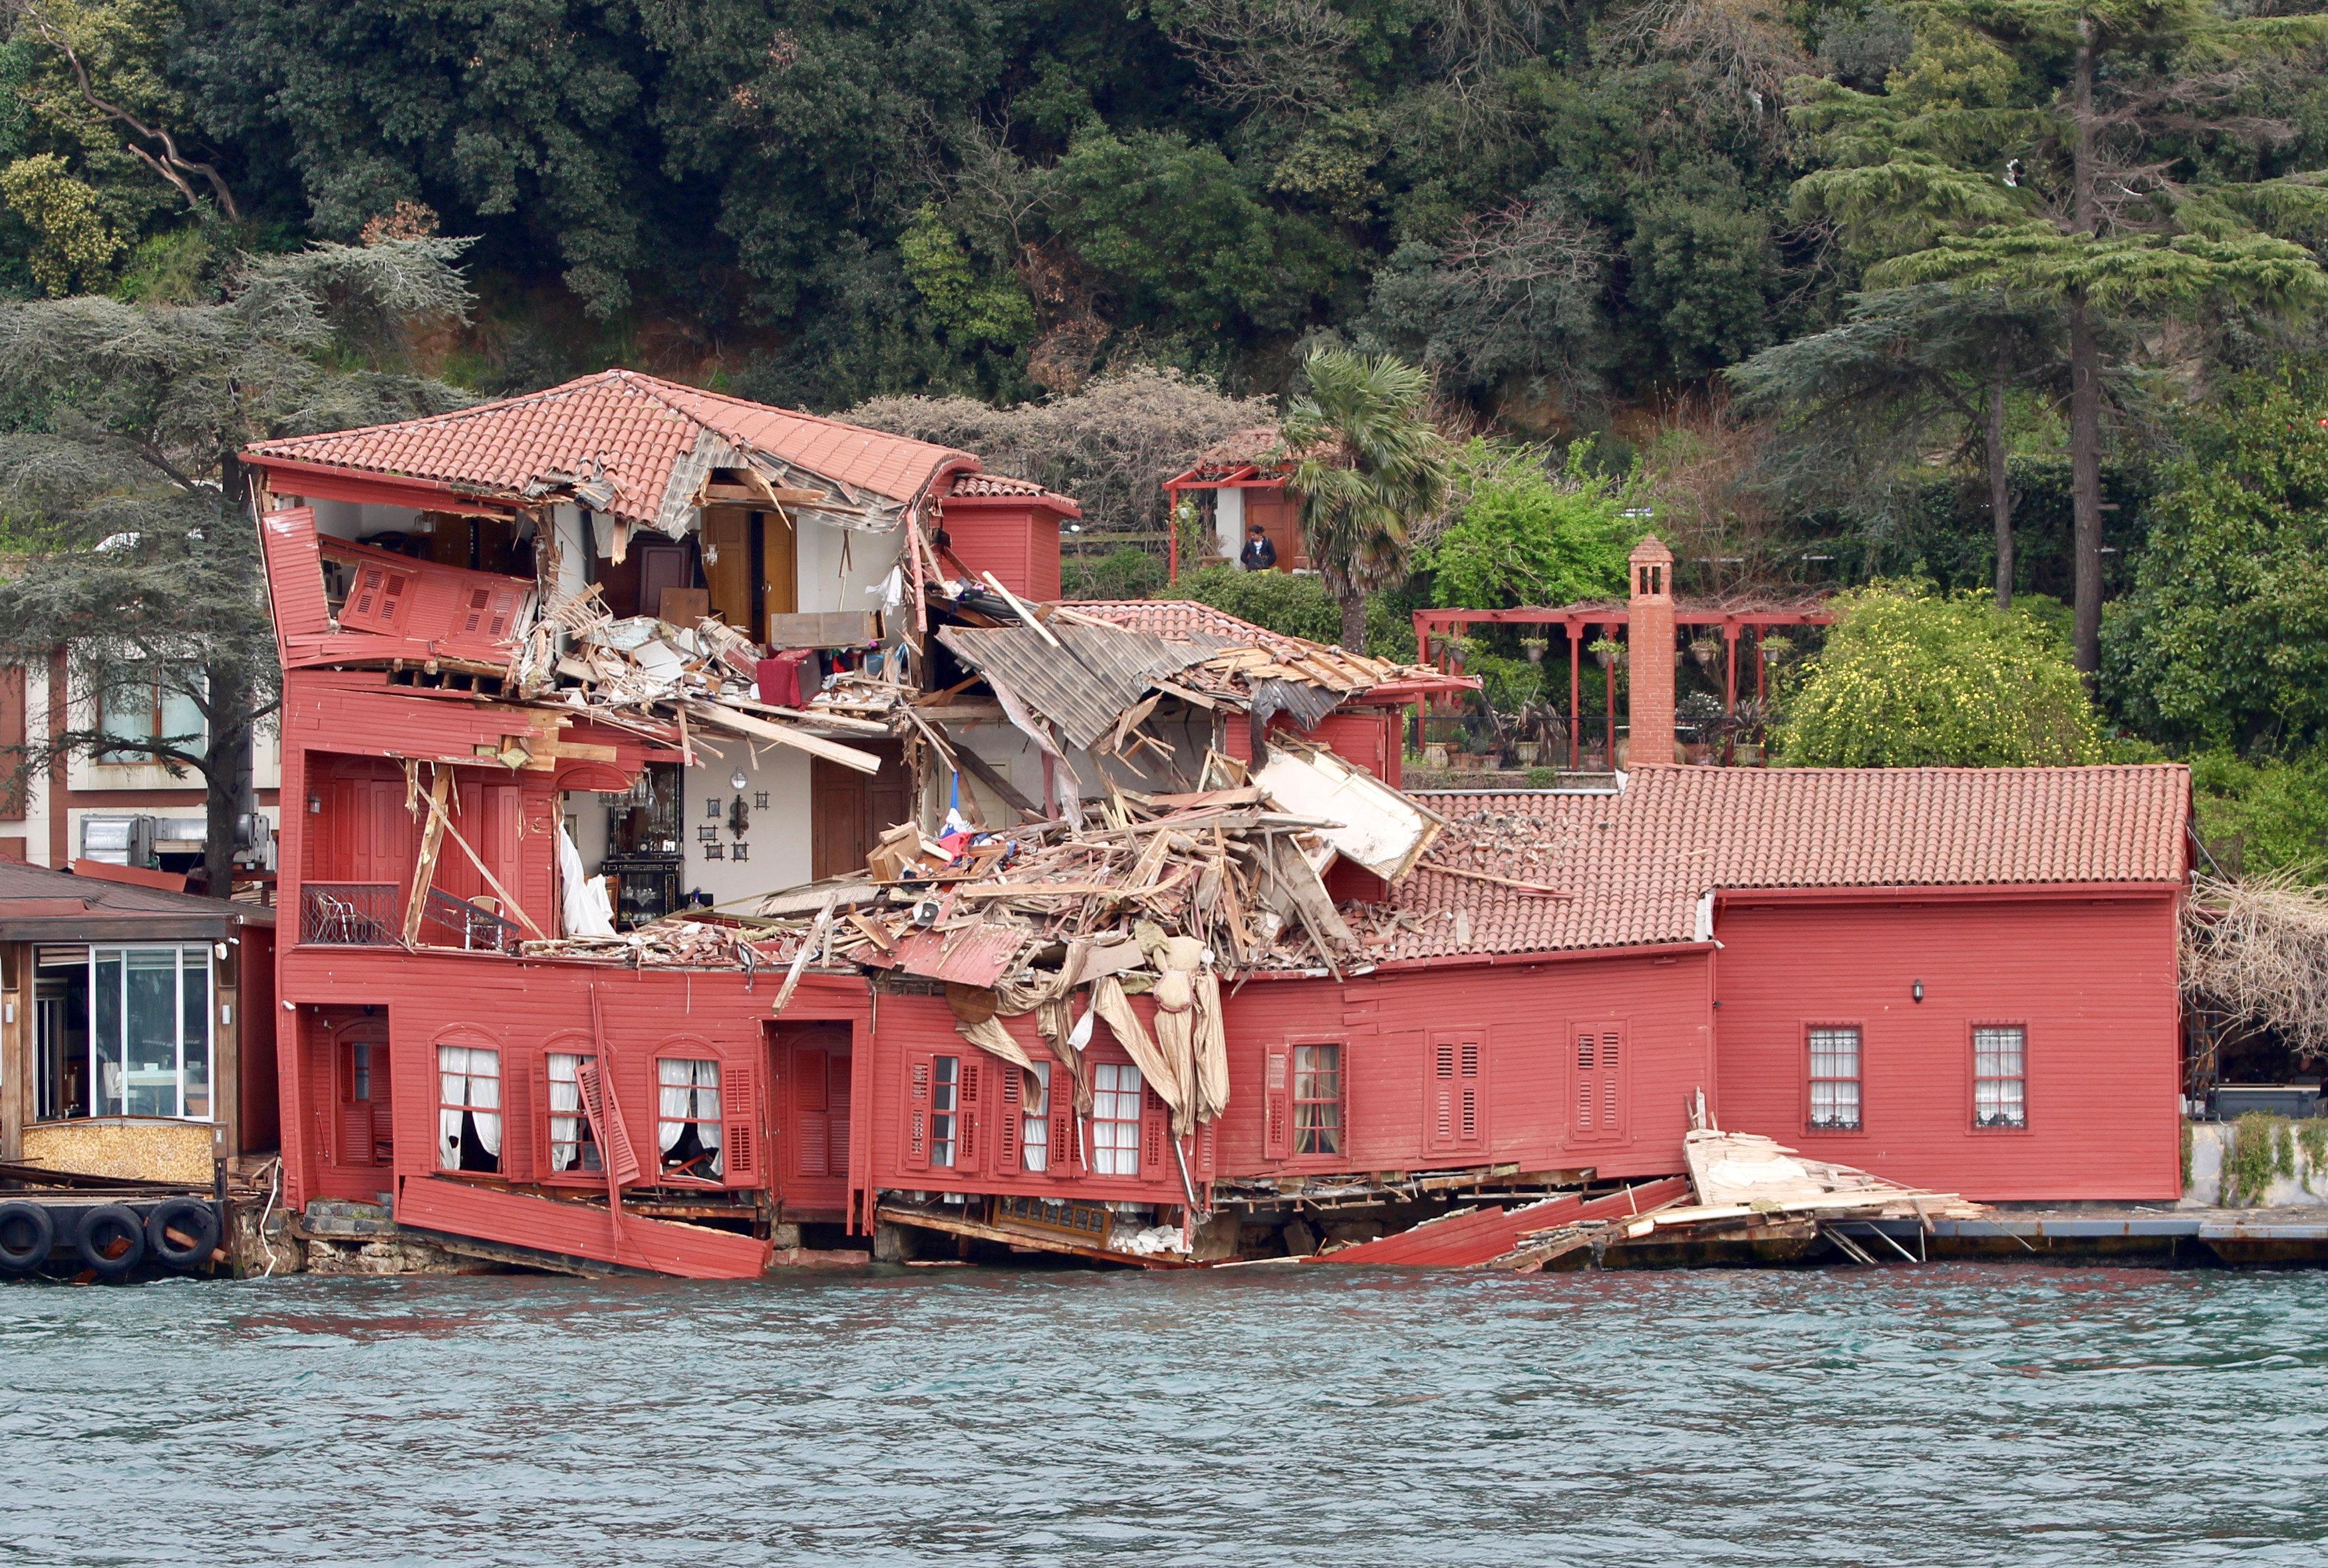 La mansión histórica, destruida por el buque